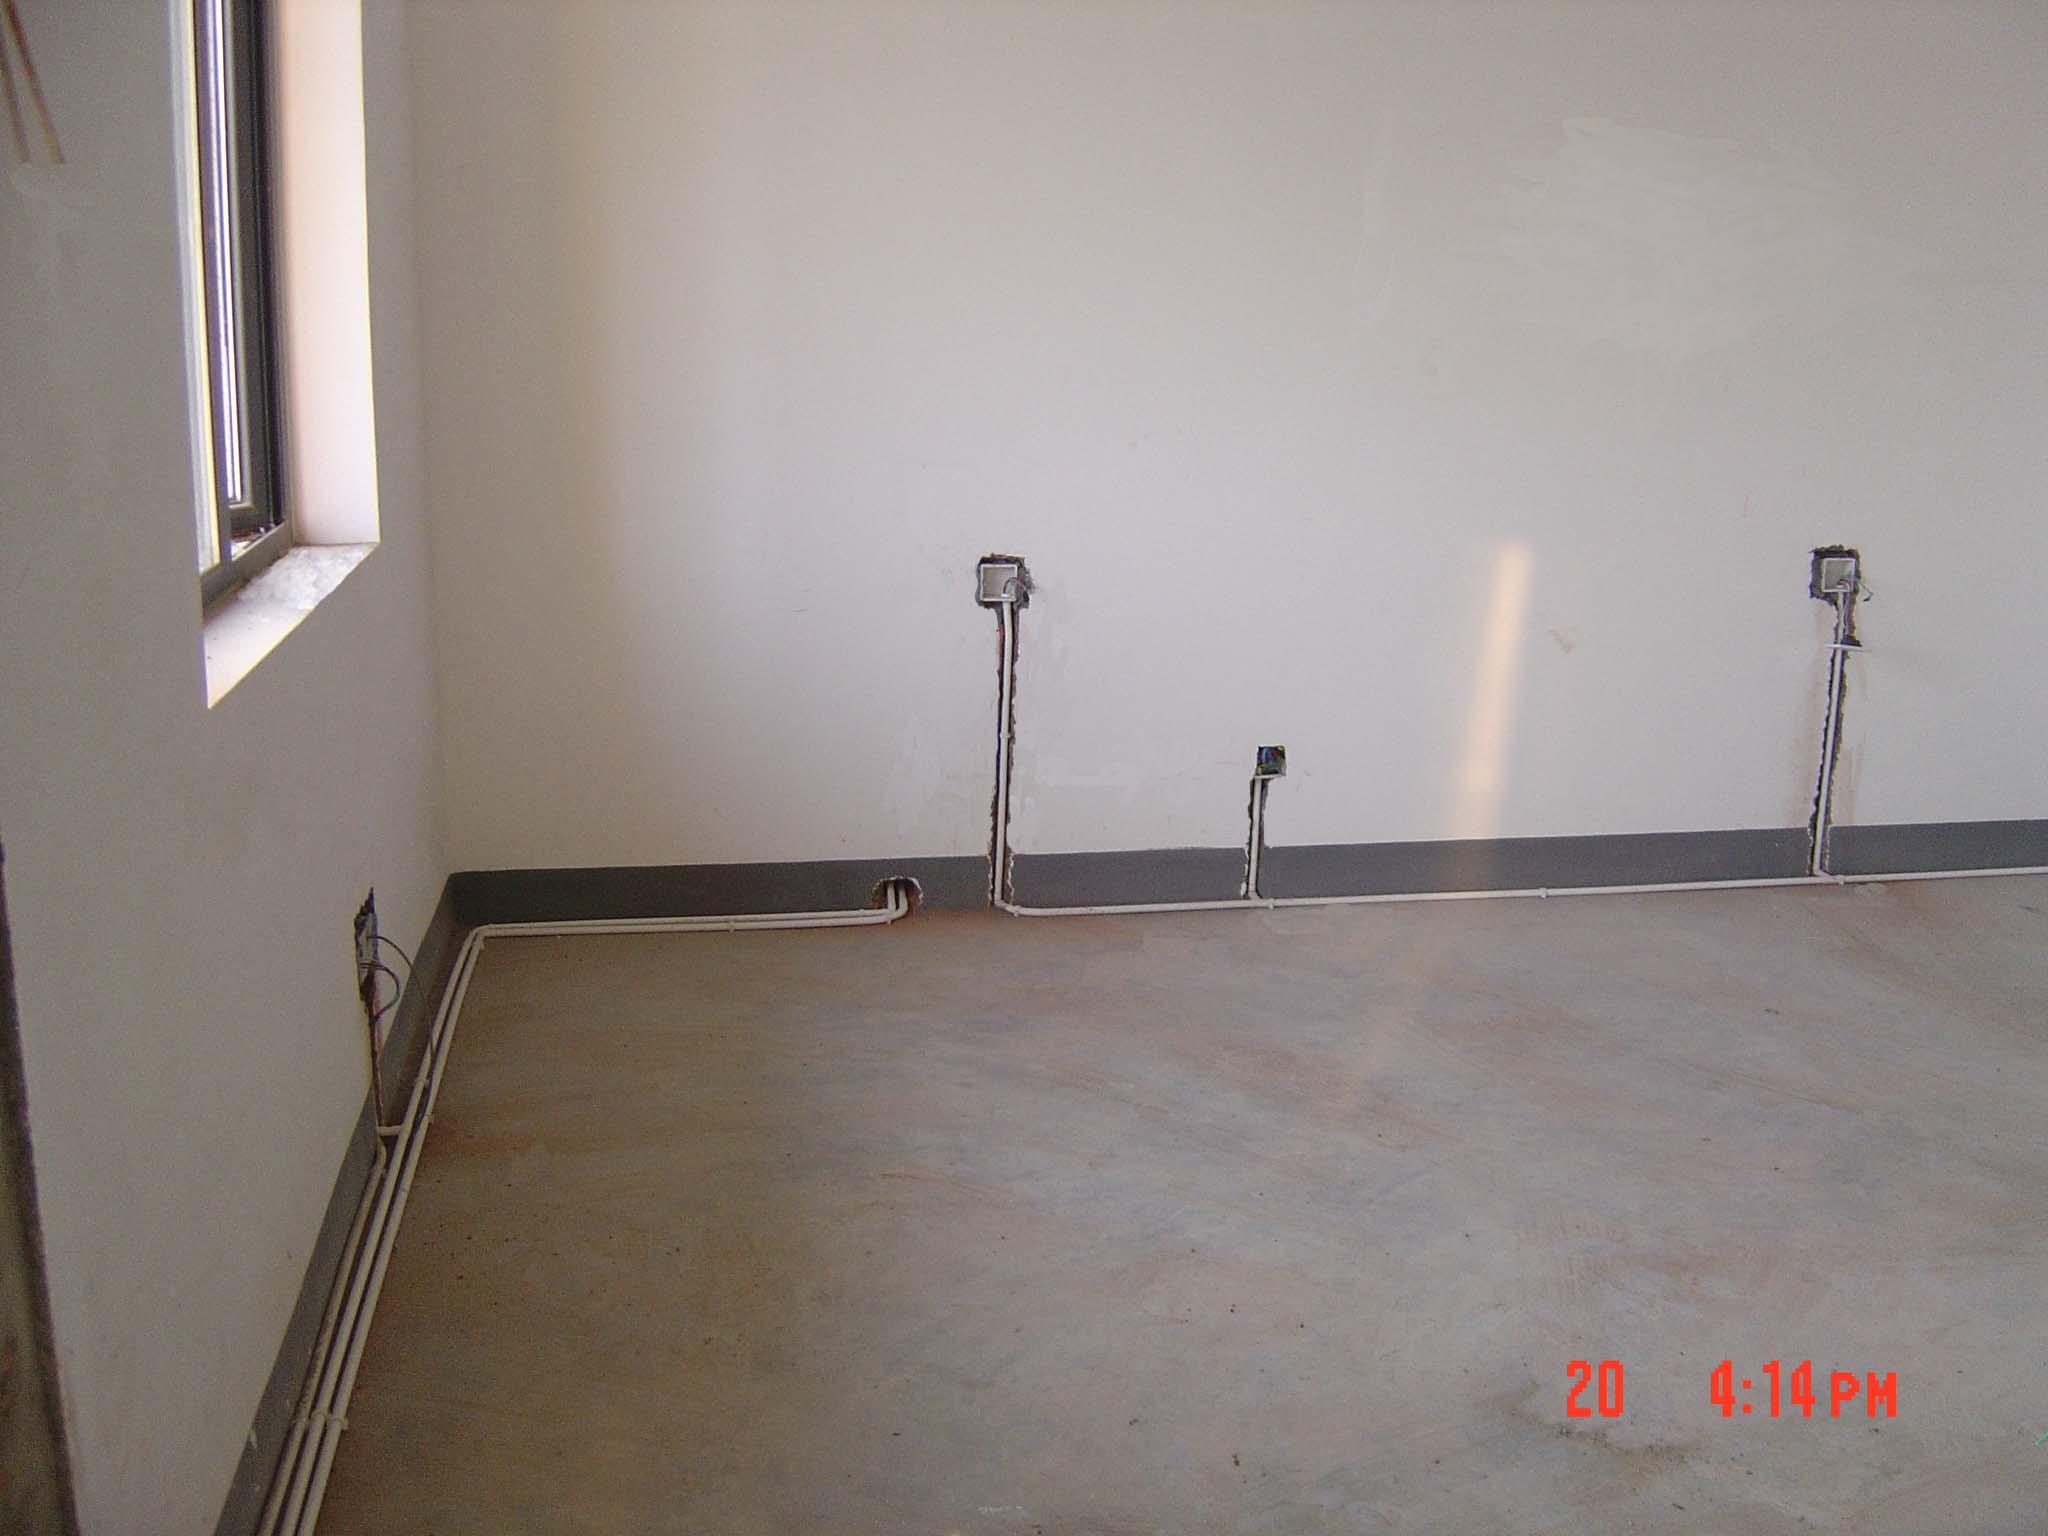 公司 产品展示 实验室专业装修 >> 深圳电路安装维修,家庭弱电布线